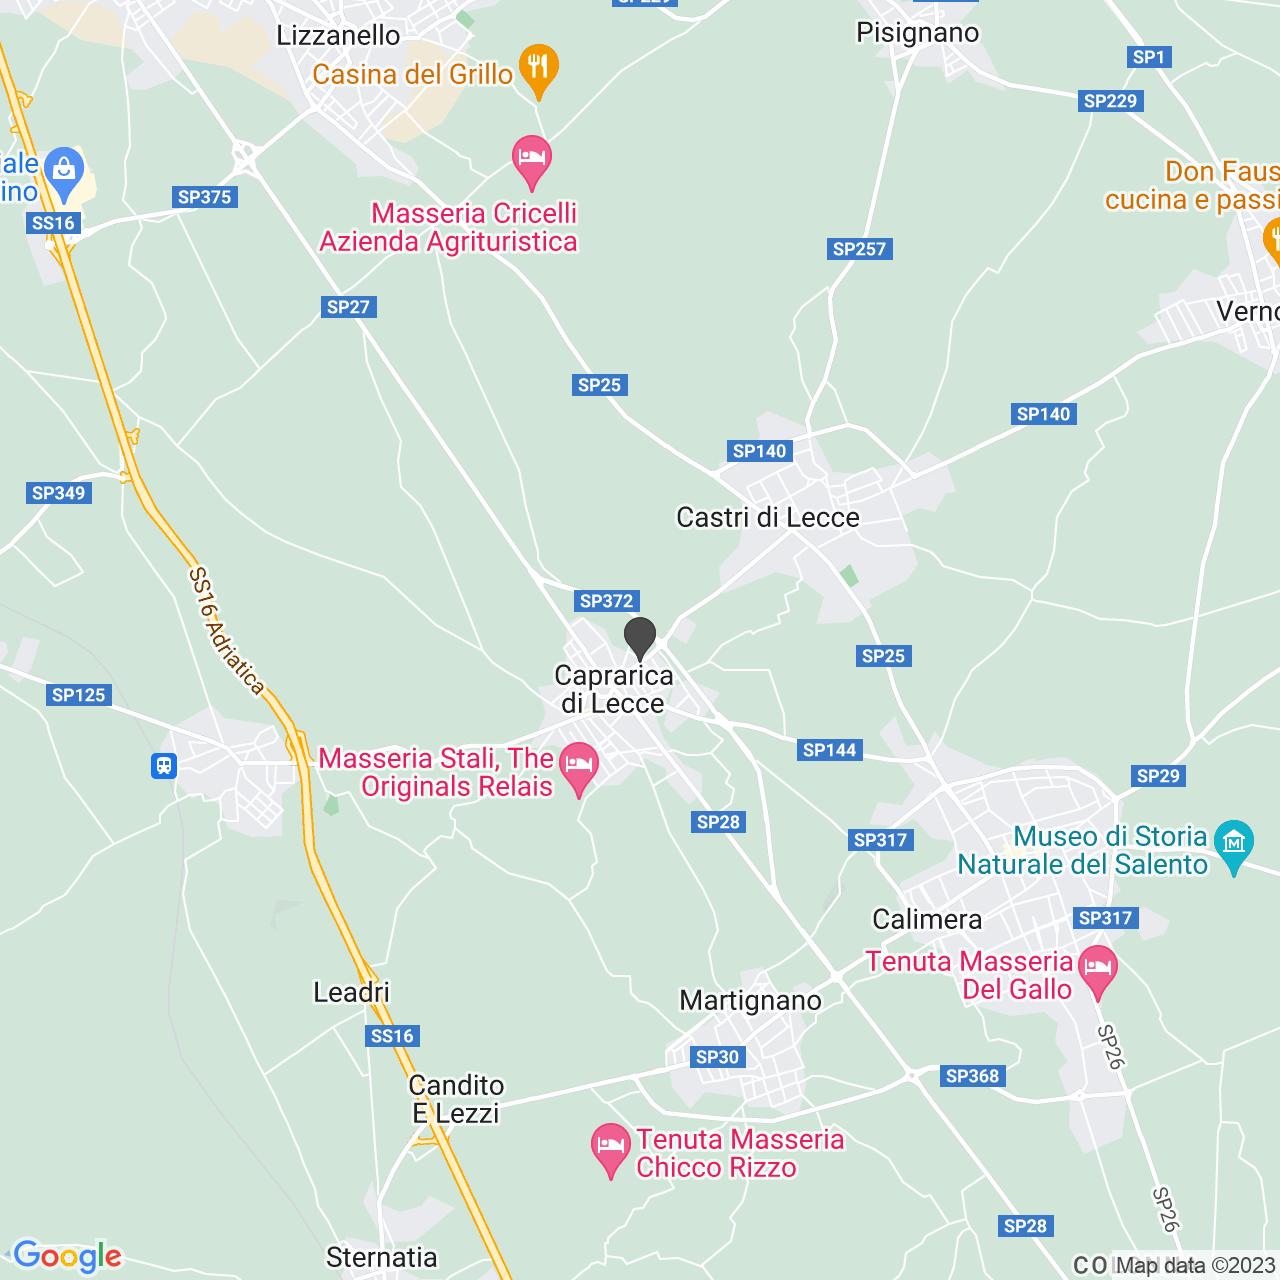 CIMITERO CASTRI DI LECCE